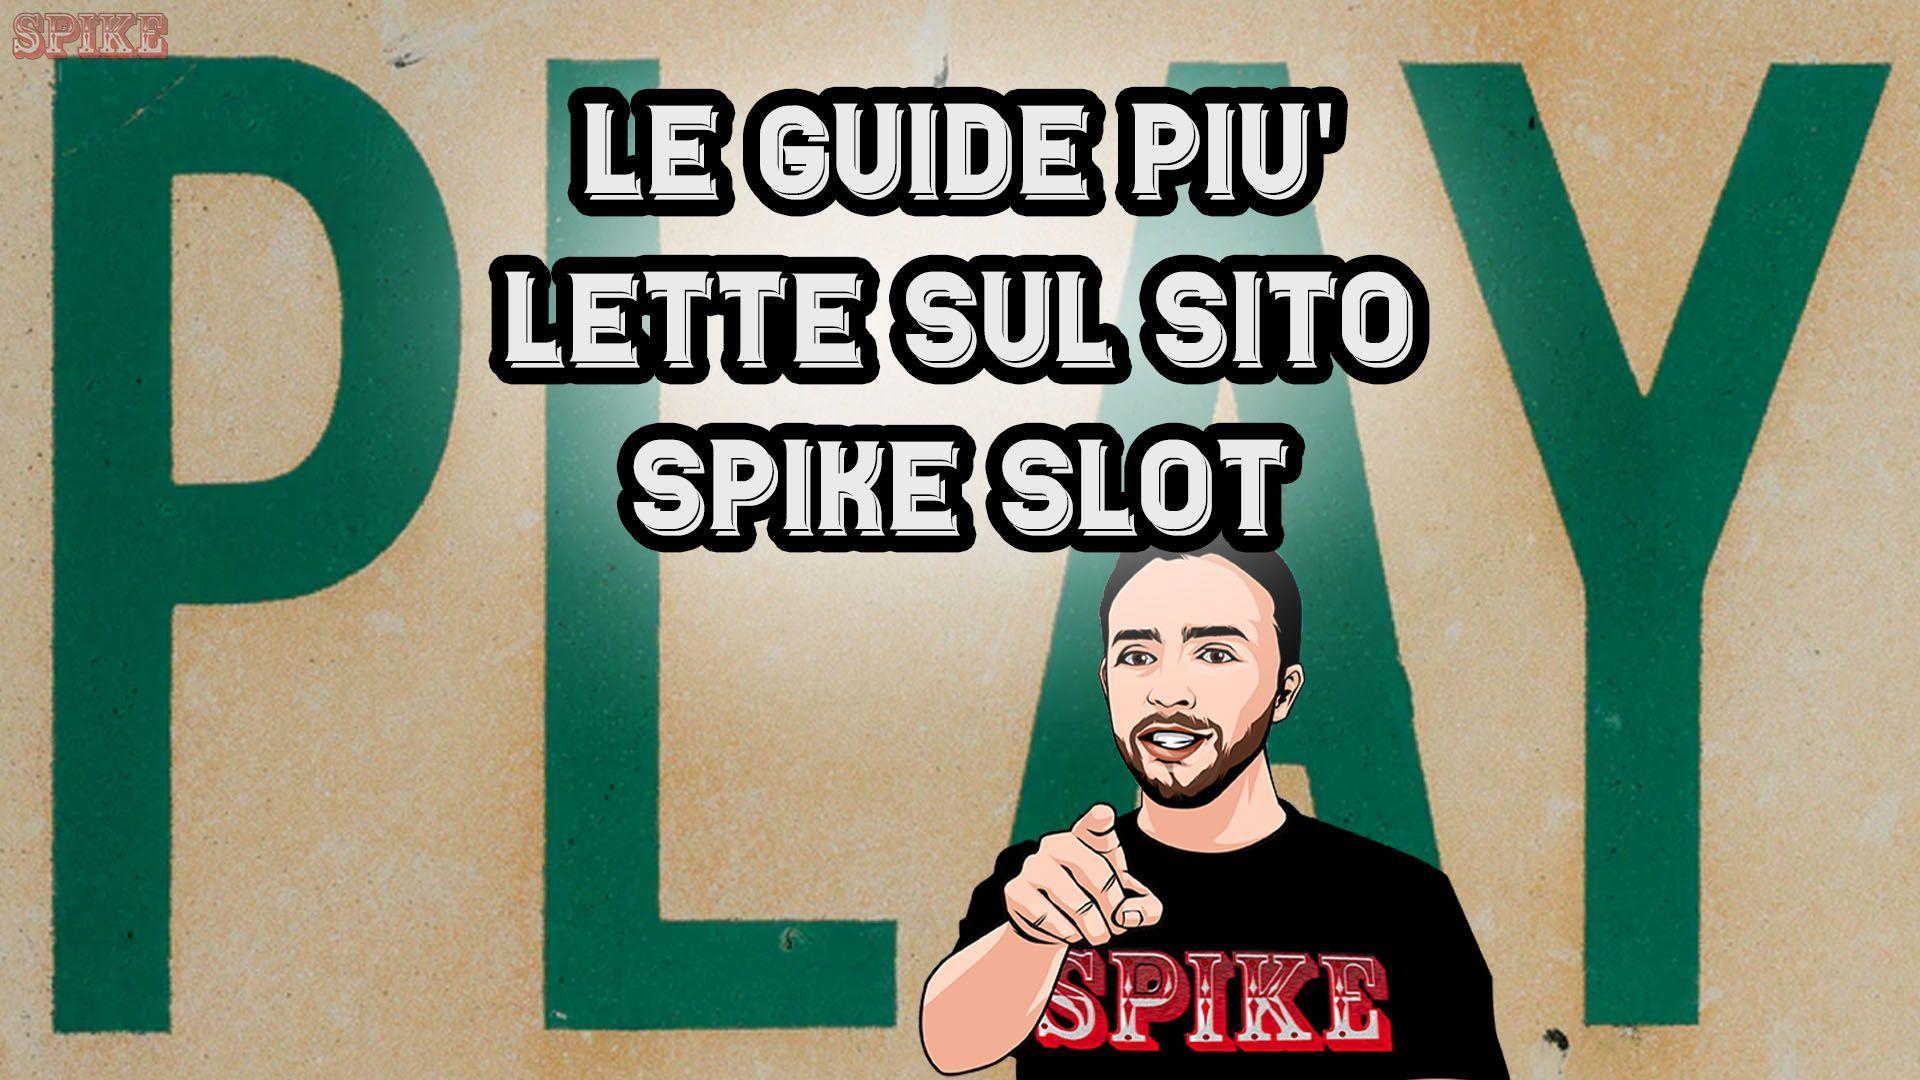 Le 16 Guide Più Lette su SPIKE Slot Card